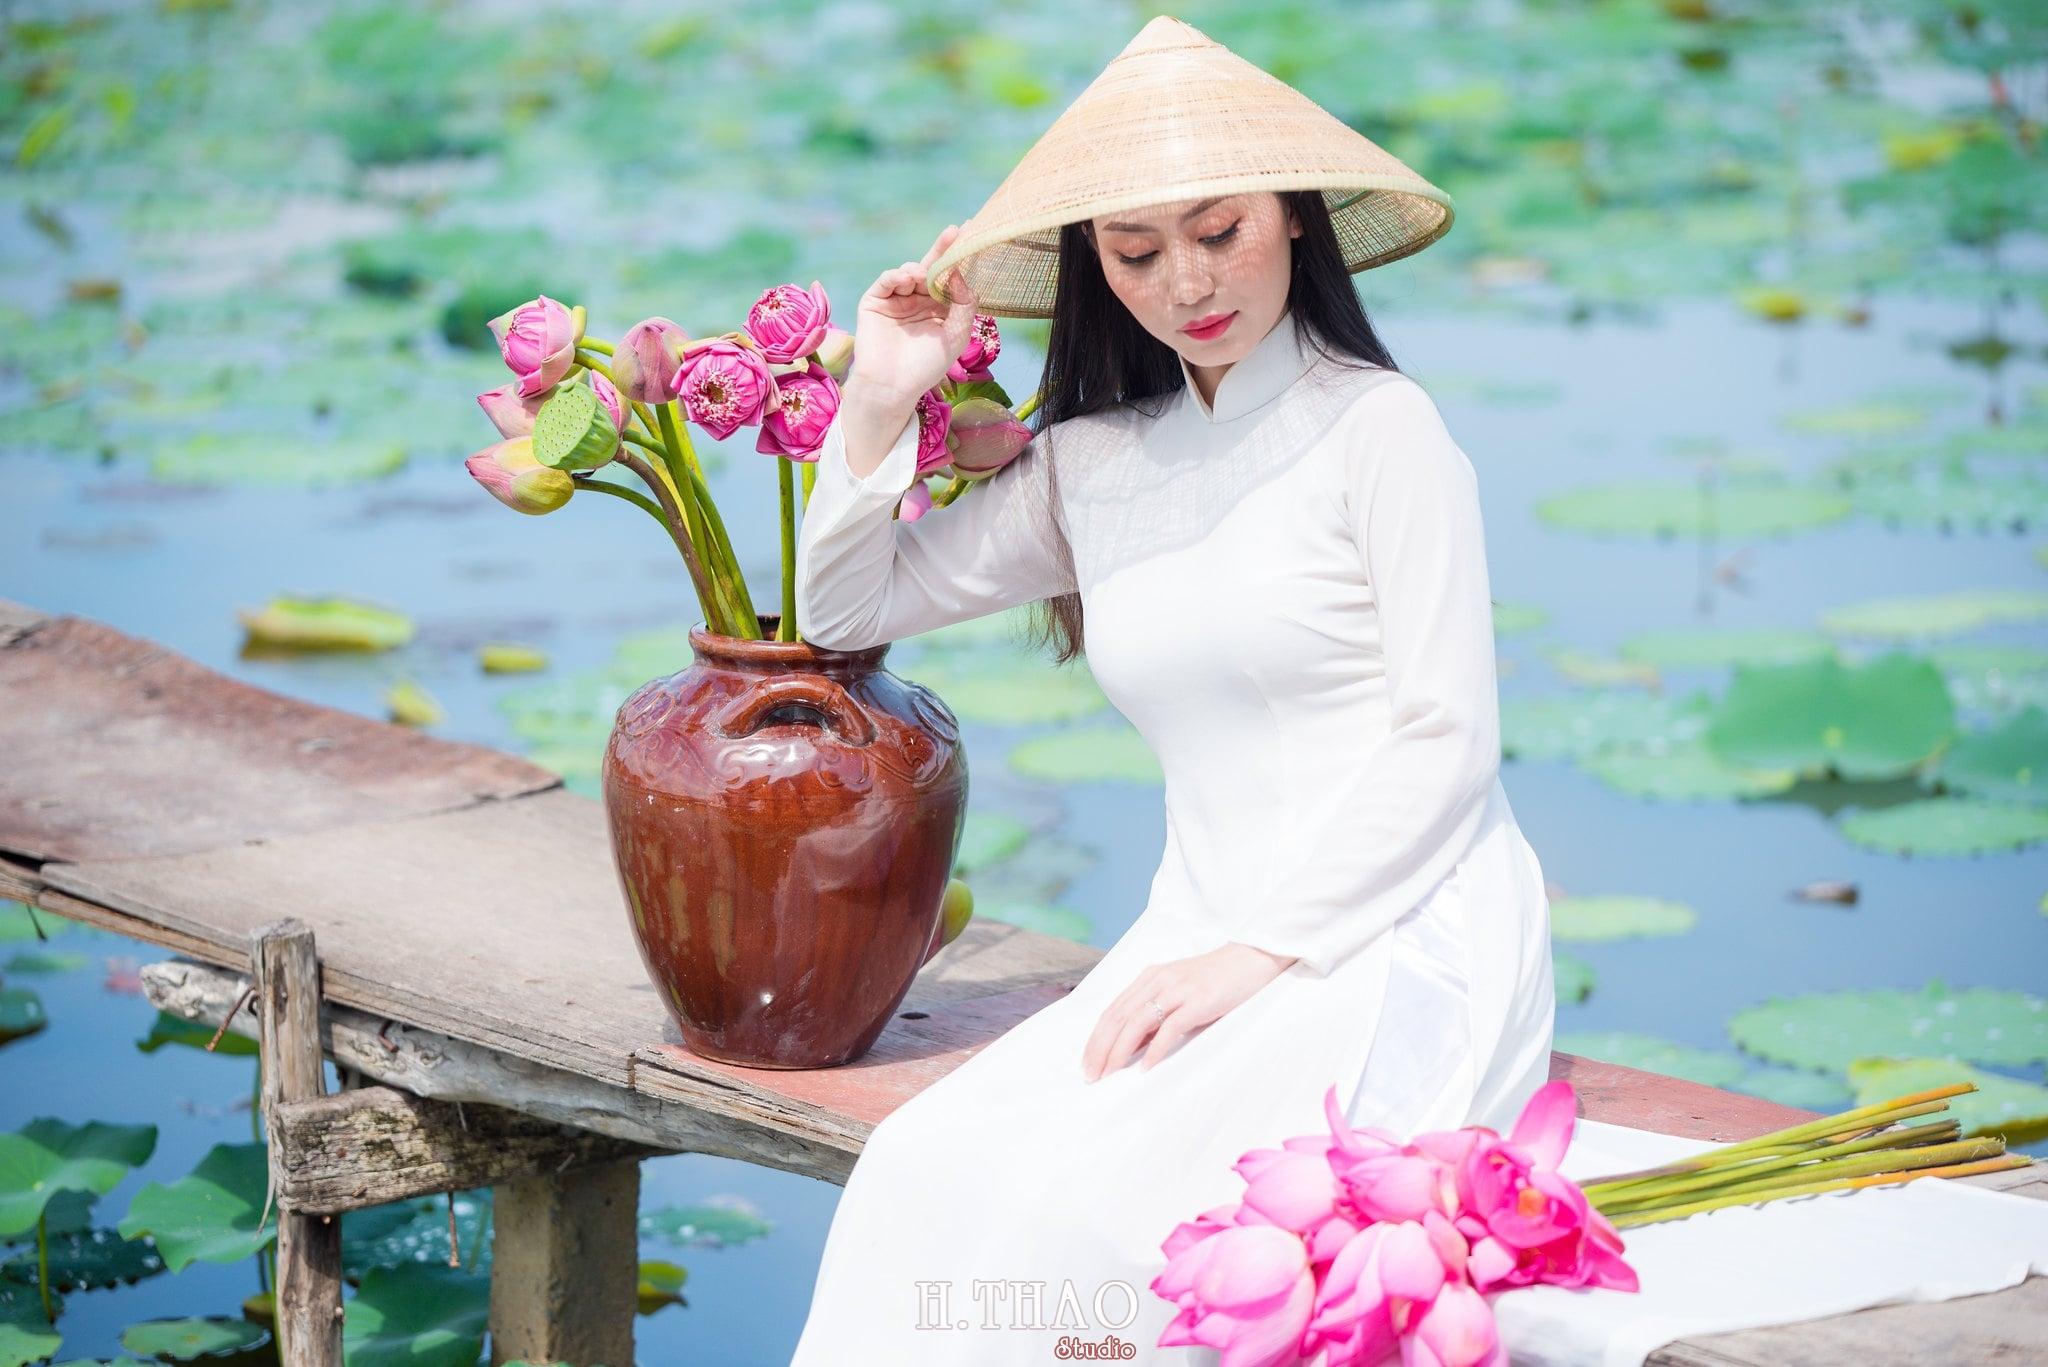 Chup hinh hoa sen 10 - Góc ảnh thiếu nữ bên hoa sen tam đa quận 9 tuyệt đẹp - HThao Studio